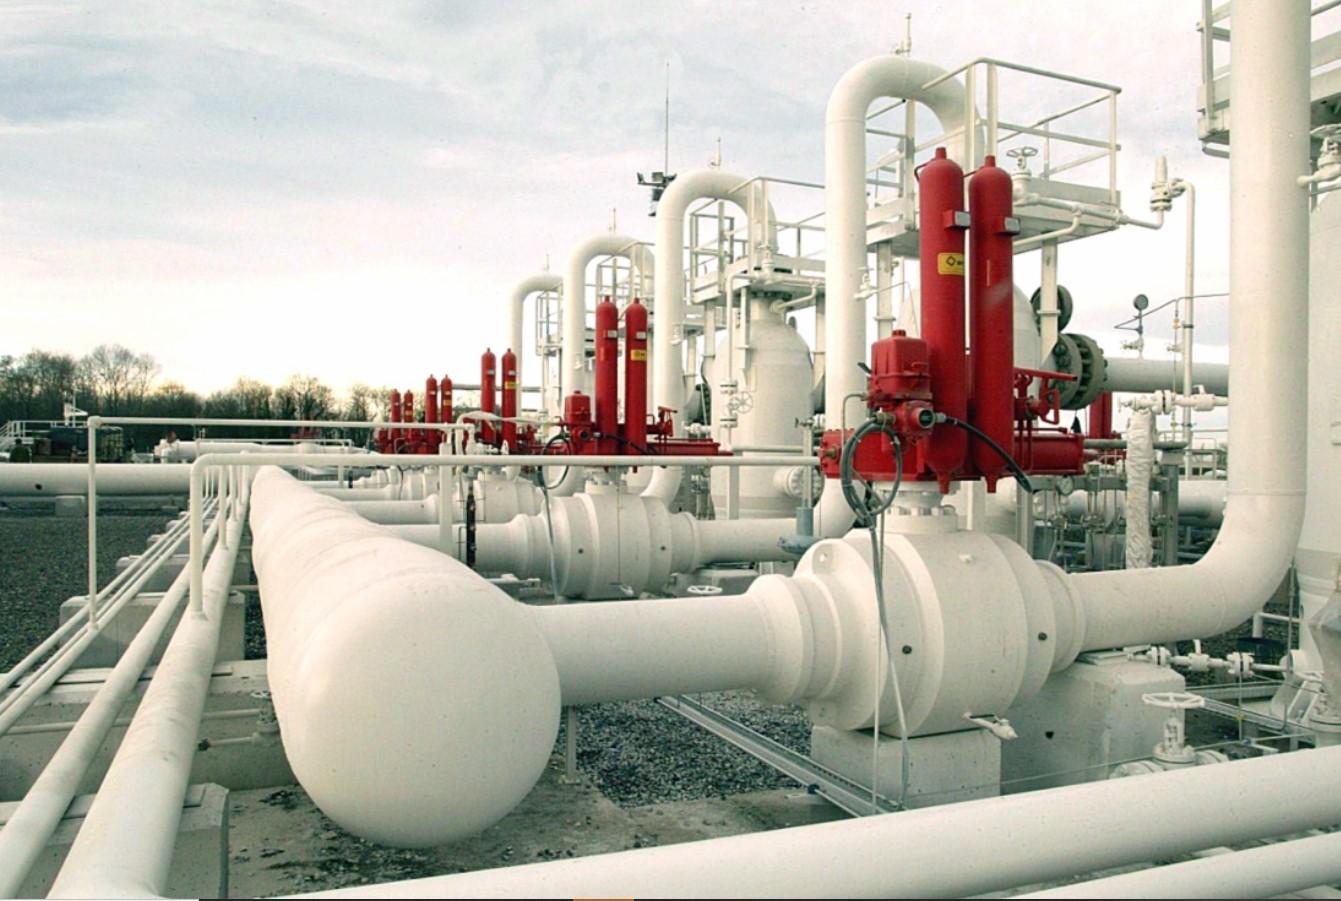 Песков заявил, что Россия не может поставлять газ в Европу сверх контракта